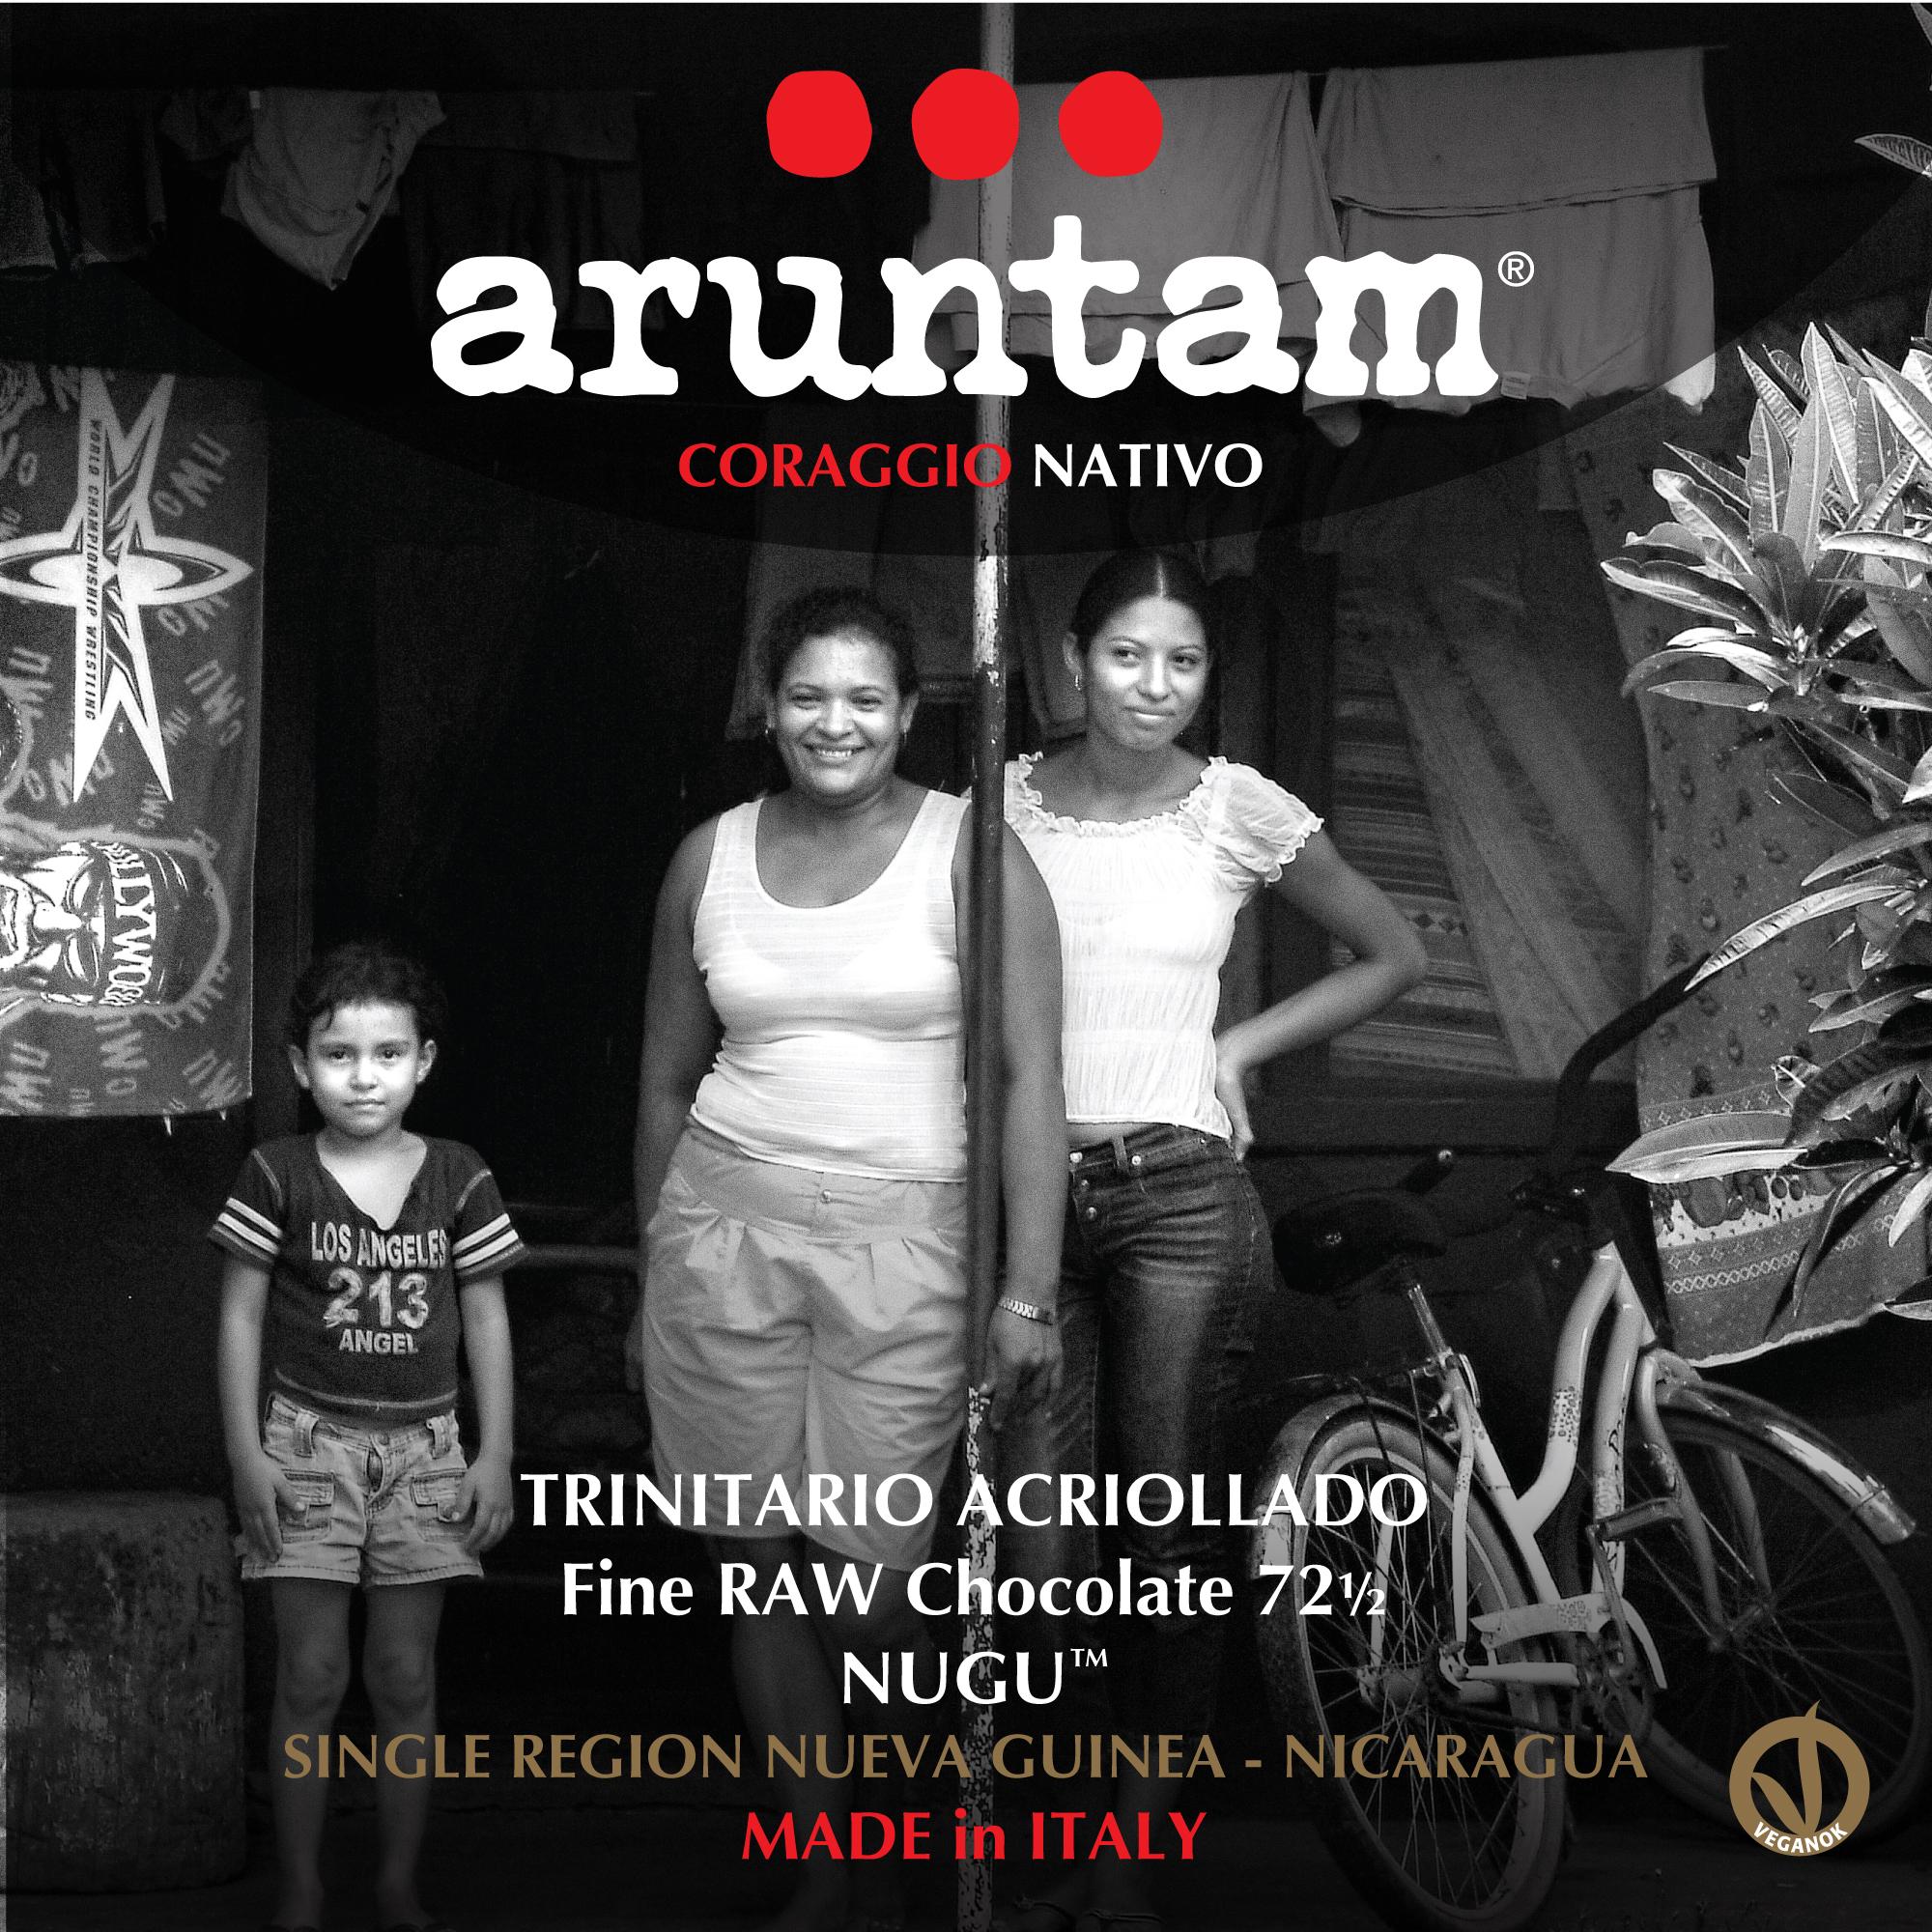 04-Trinitario-Acriollado-Nugu-72-Nicaragua